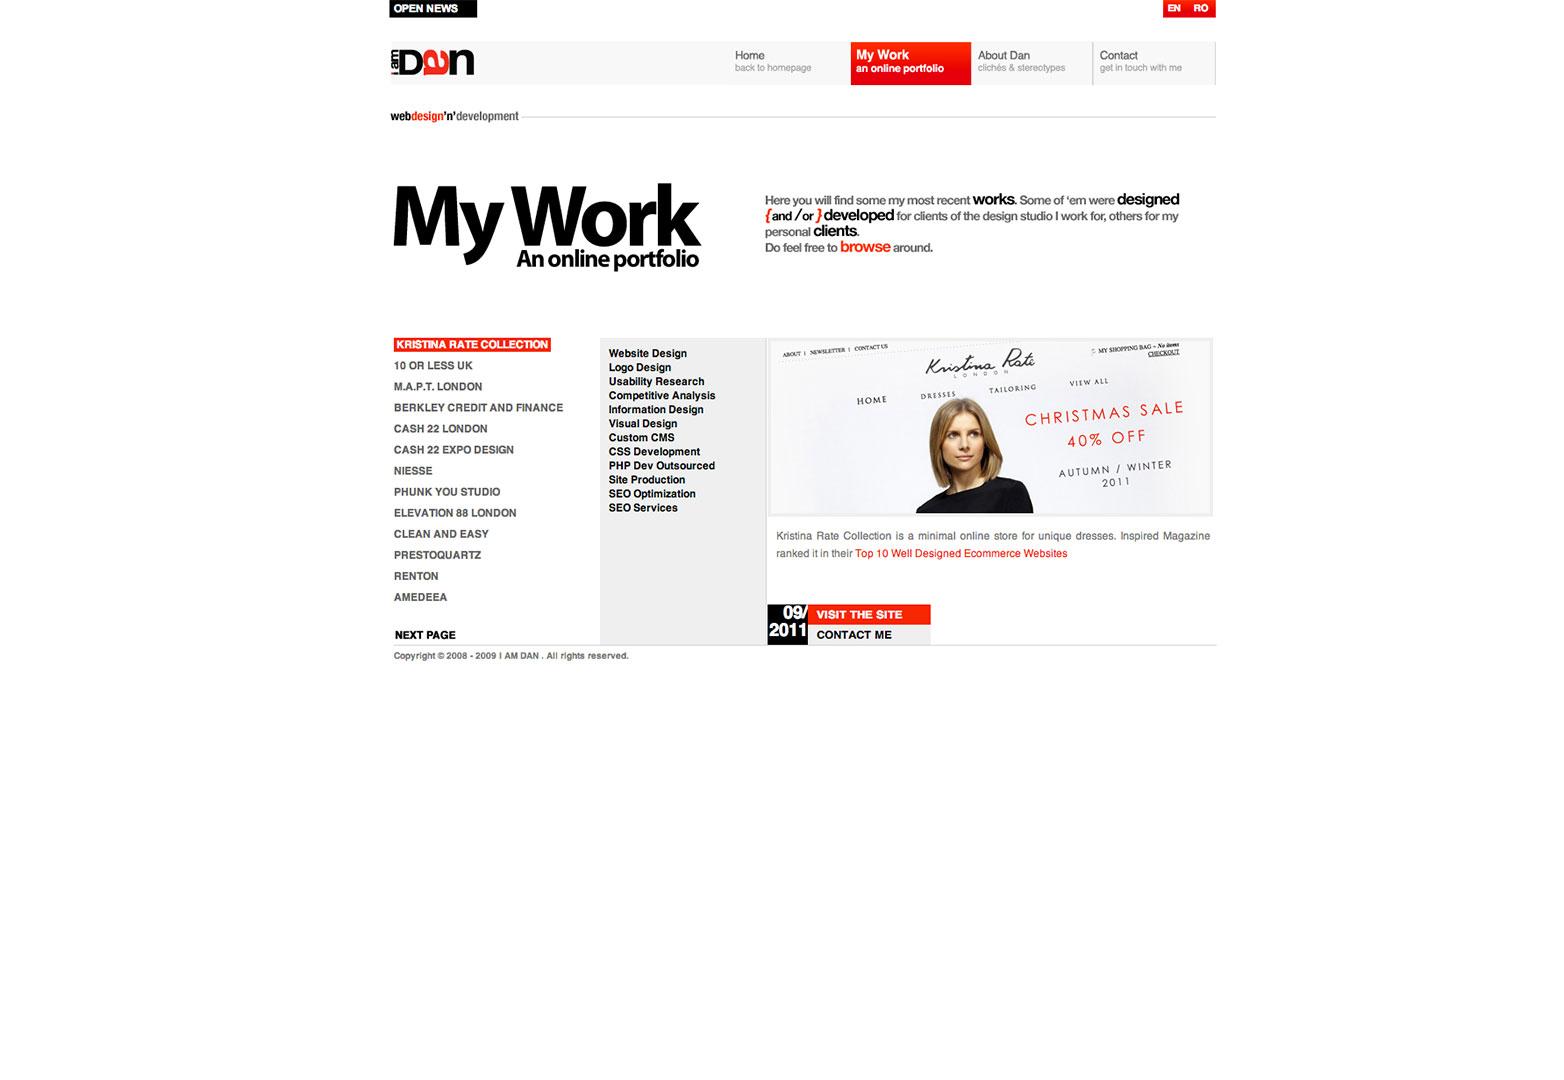 高端网站都懂的!如何在网页设计中使用留白